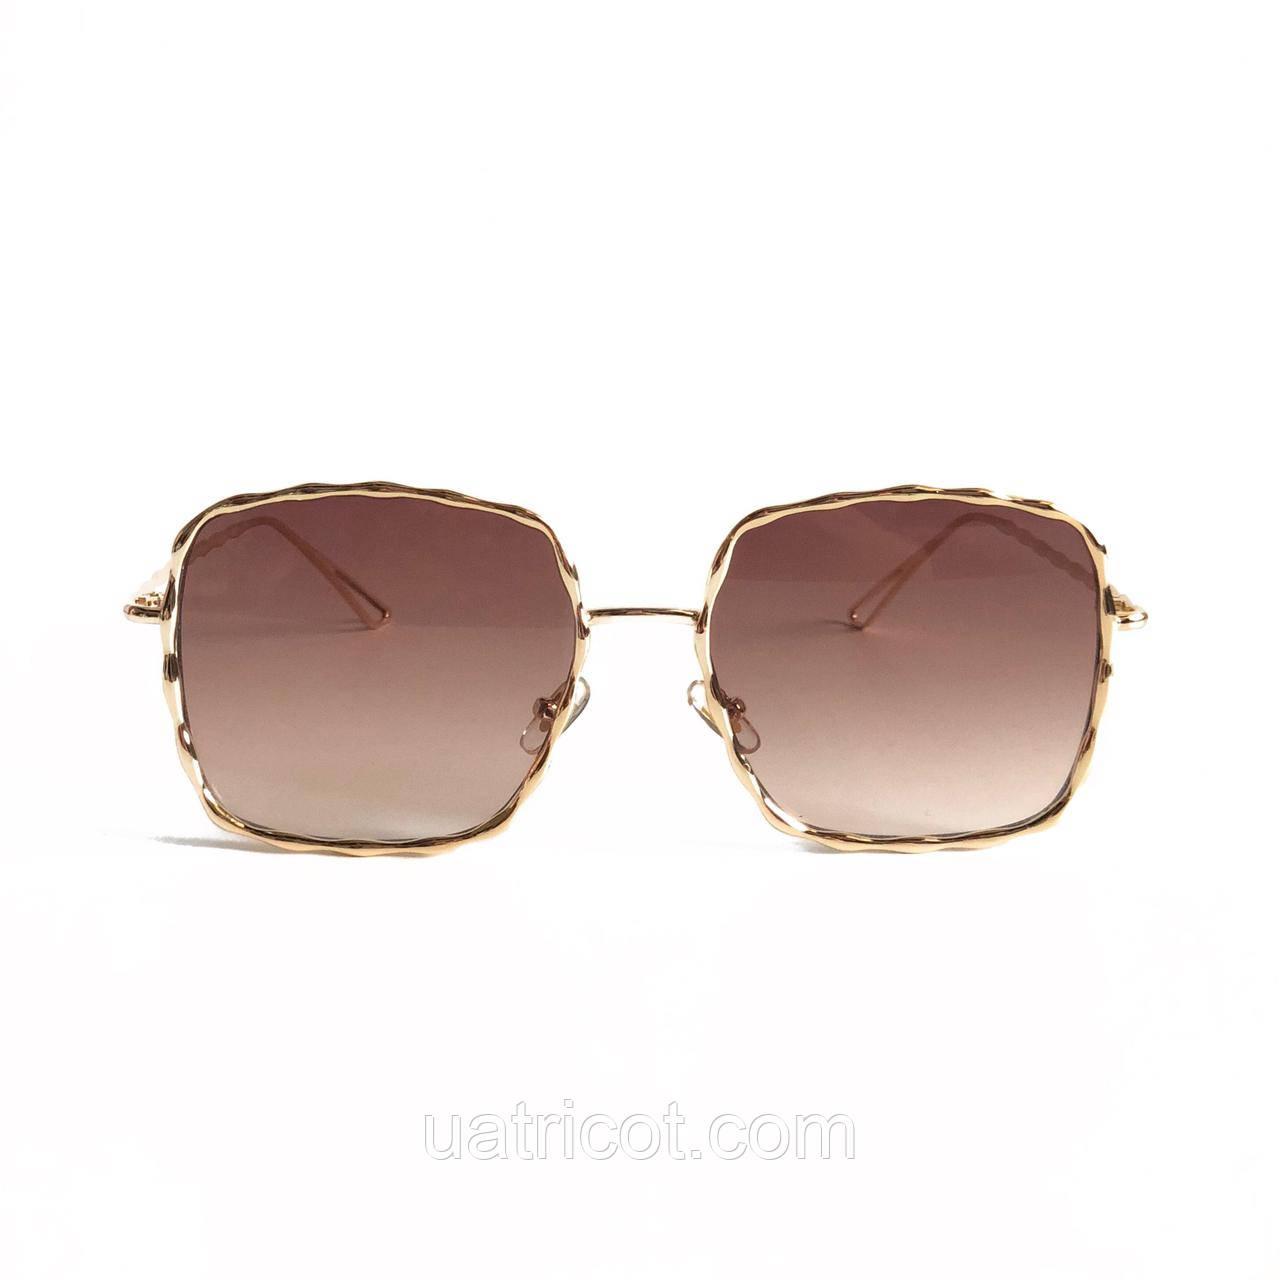 Женские квадратные солнцезащитные очки в металлическом плетении с коричневой линзой